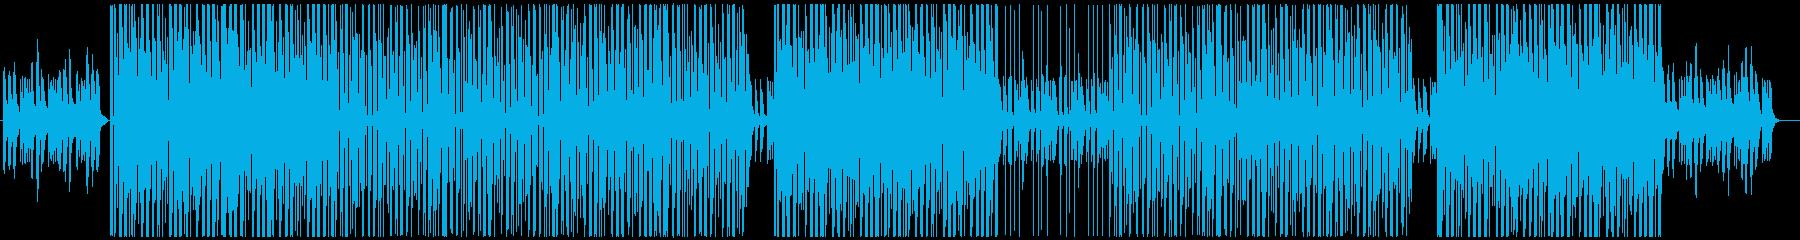 洋楽ポップ♫アリアナ・グランデタイプ♫の再生済みの波形